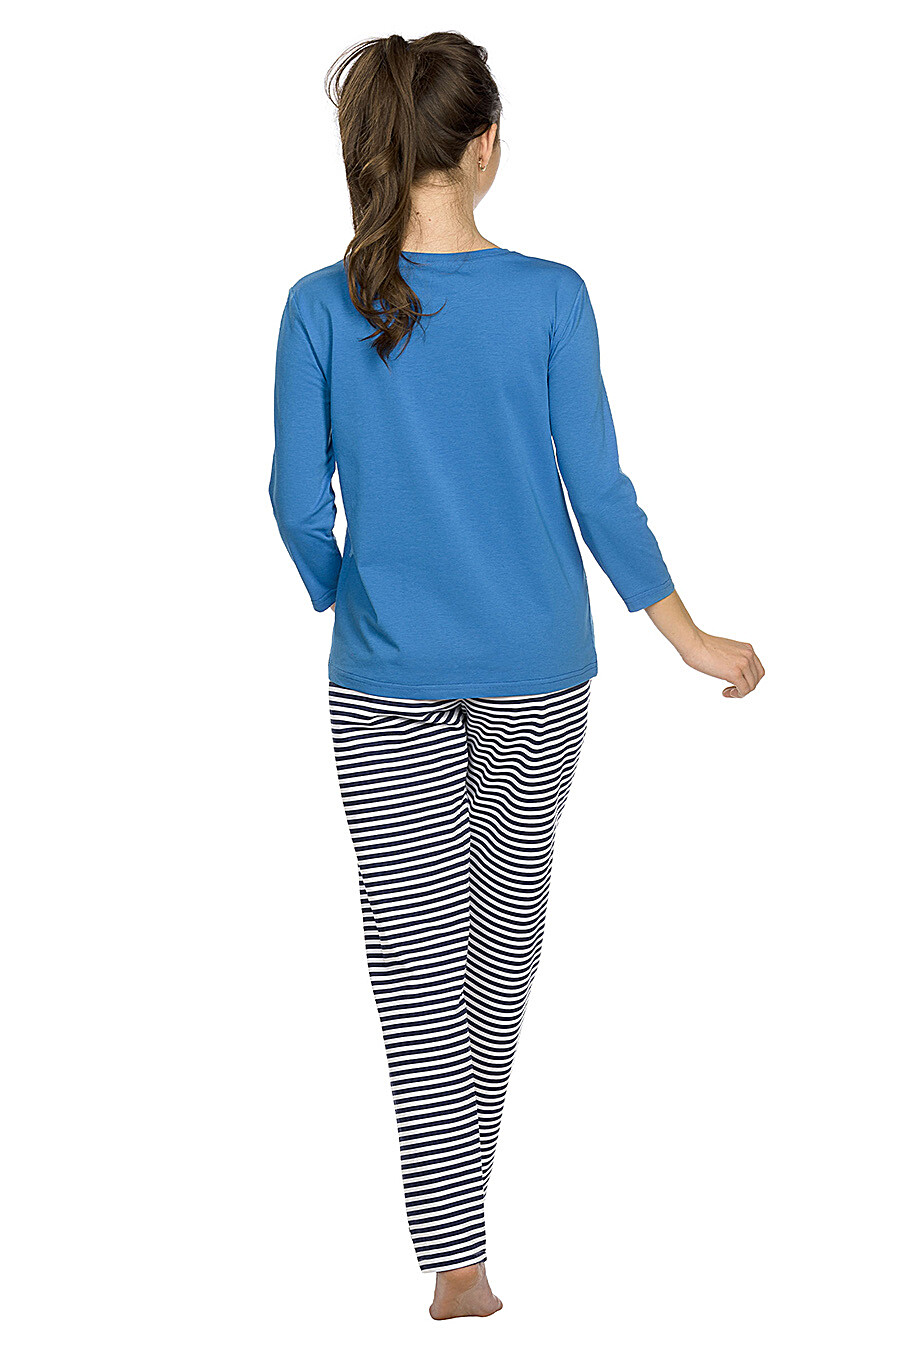 Комплект (Брюки+Джемпер) для женщин PELICAN 146694 купить оптом от производителя. Совместная покупка женской одежды в OptMoyo